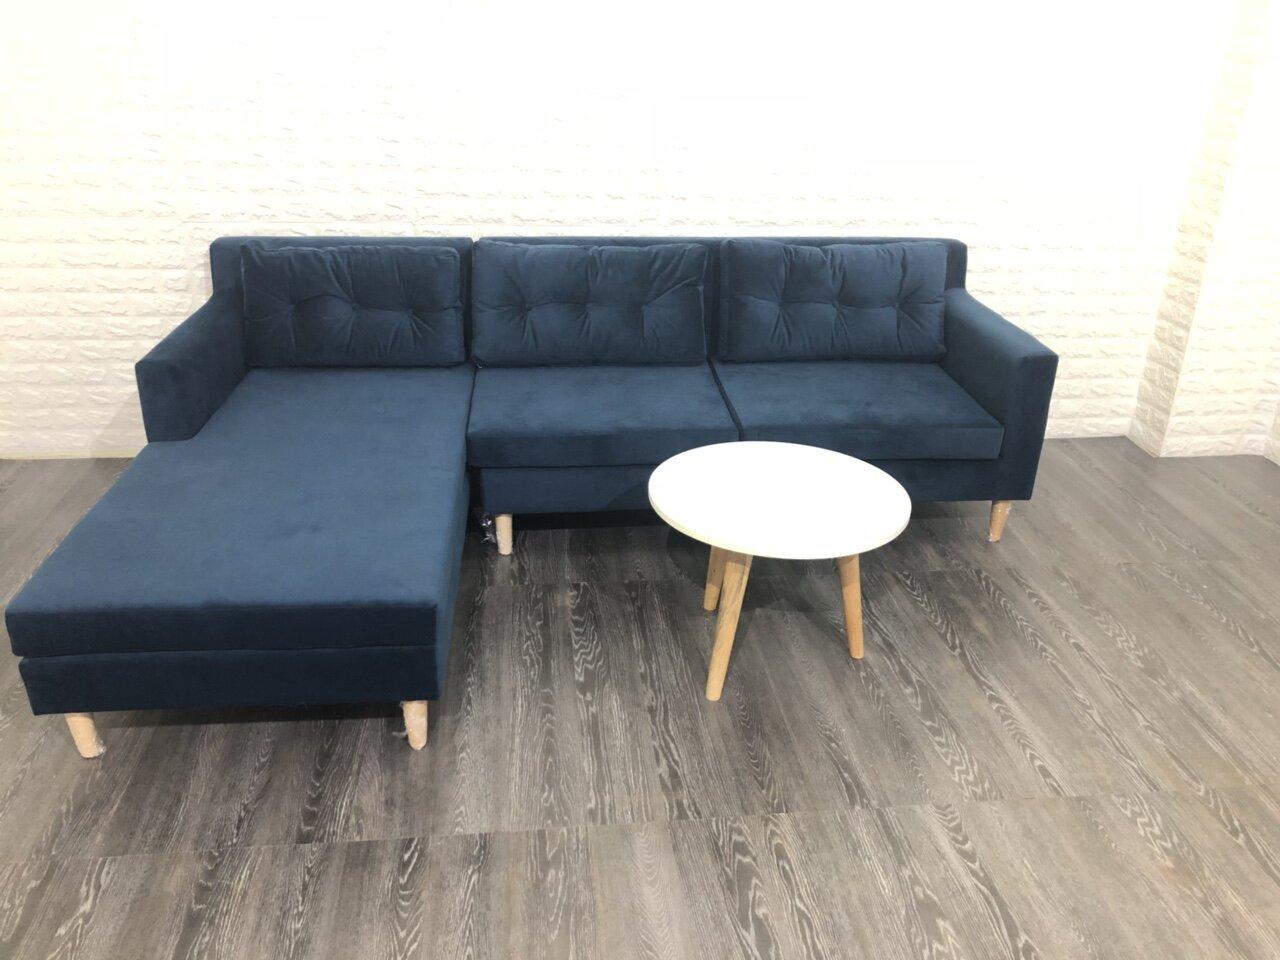 Top những chiếc ghế sofa góc Juno đẹp